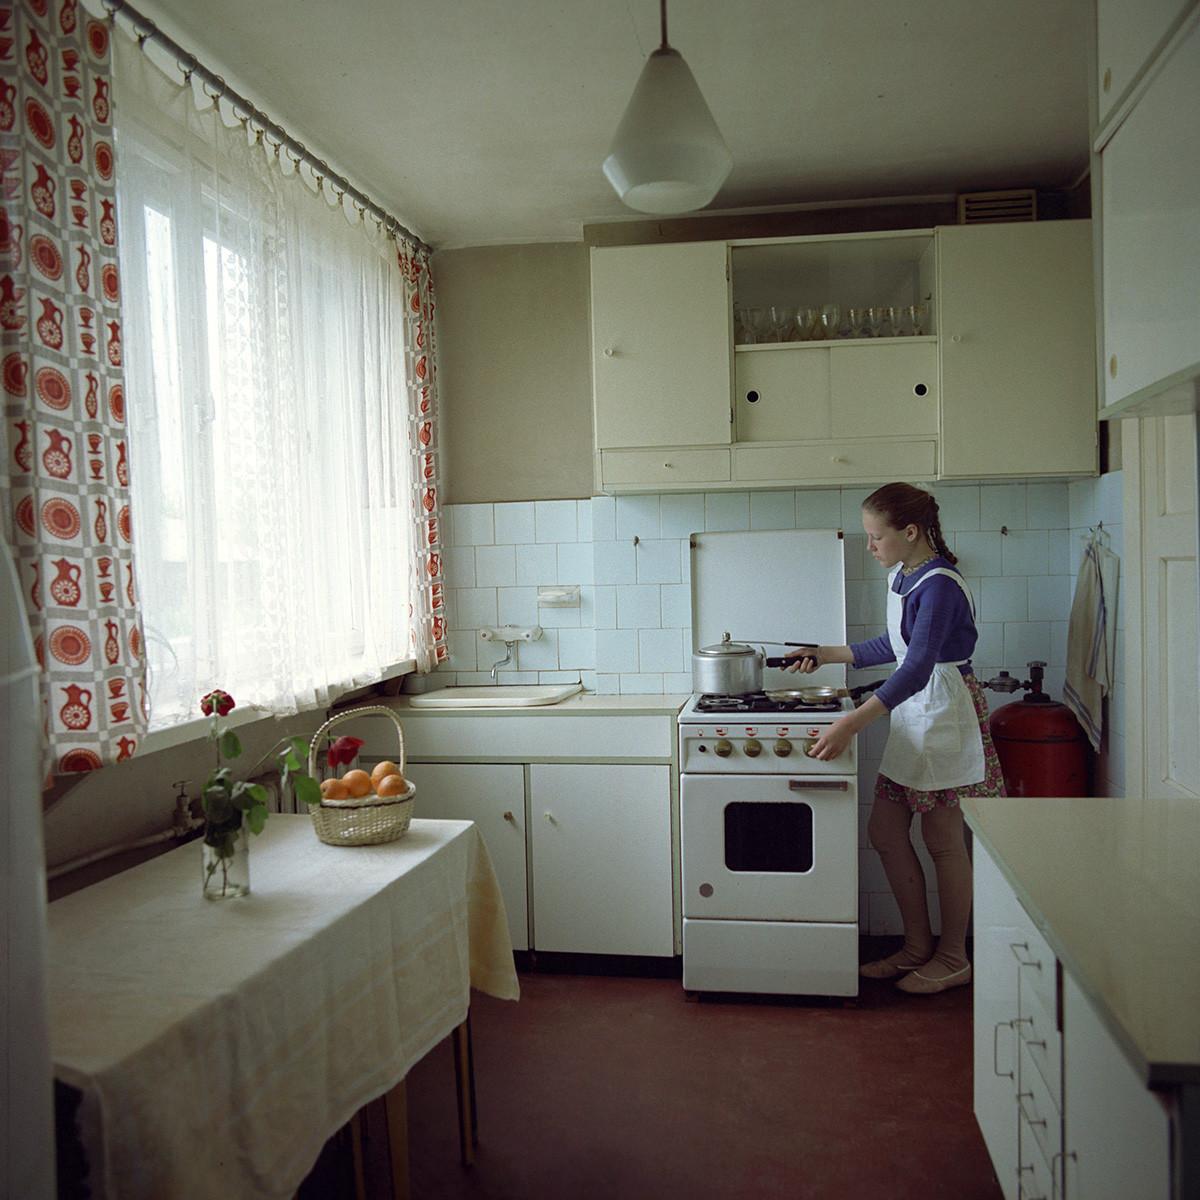 Кујна на жител на Латвиската ССР.